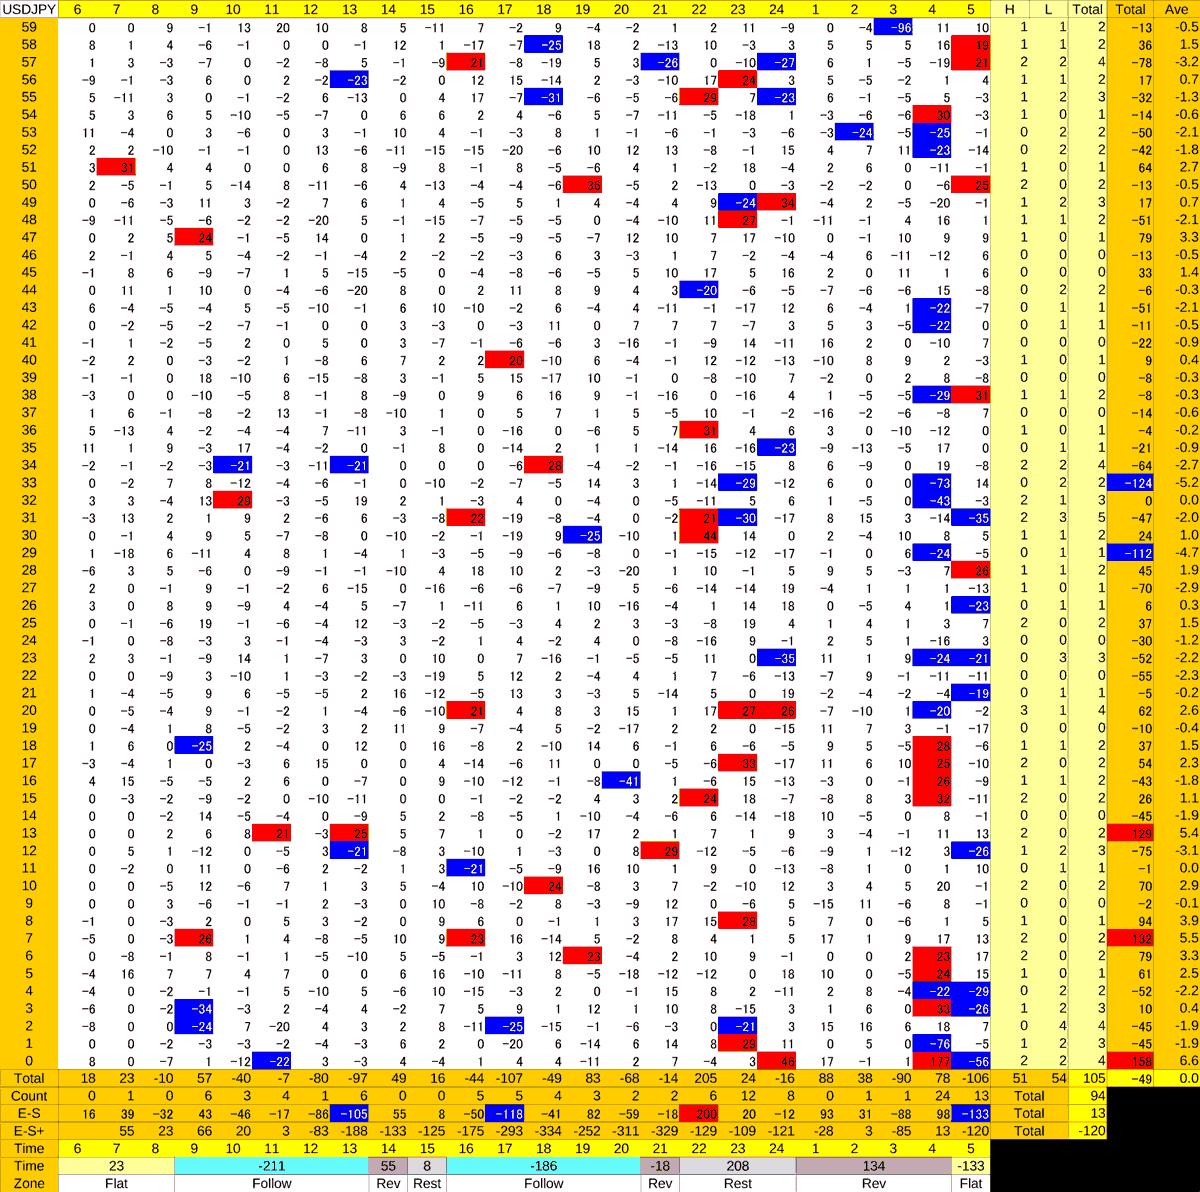 20201216_HS(1)USDJPY